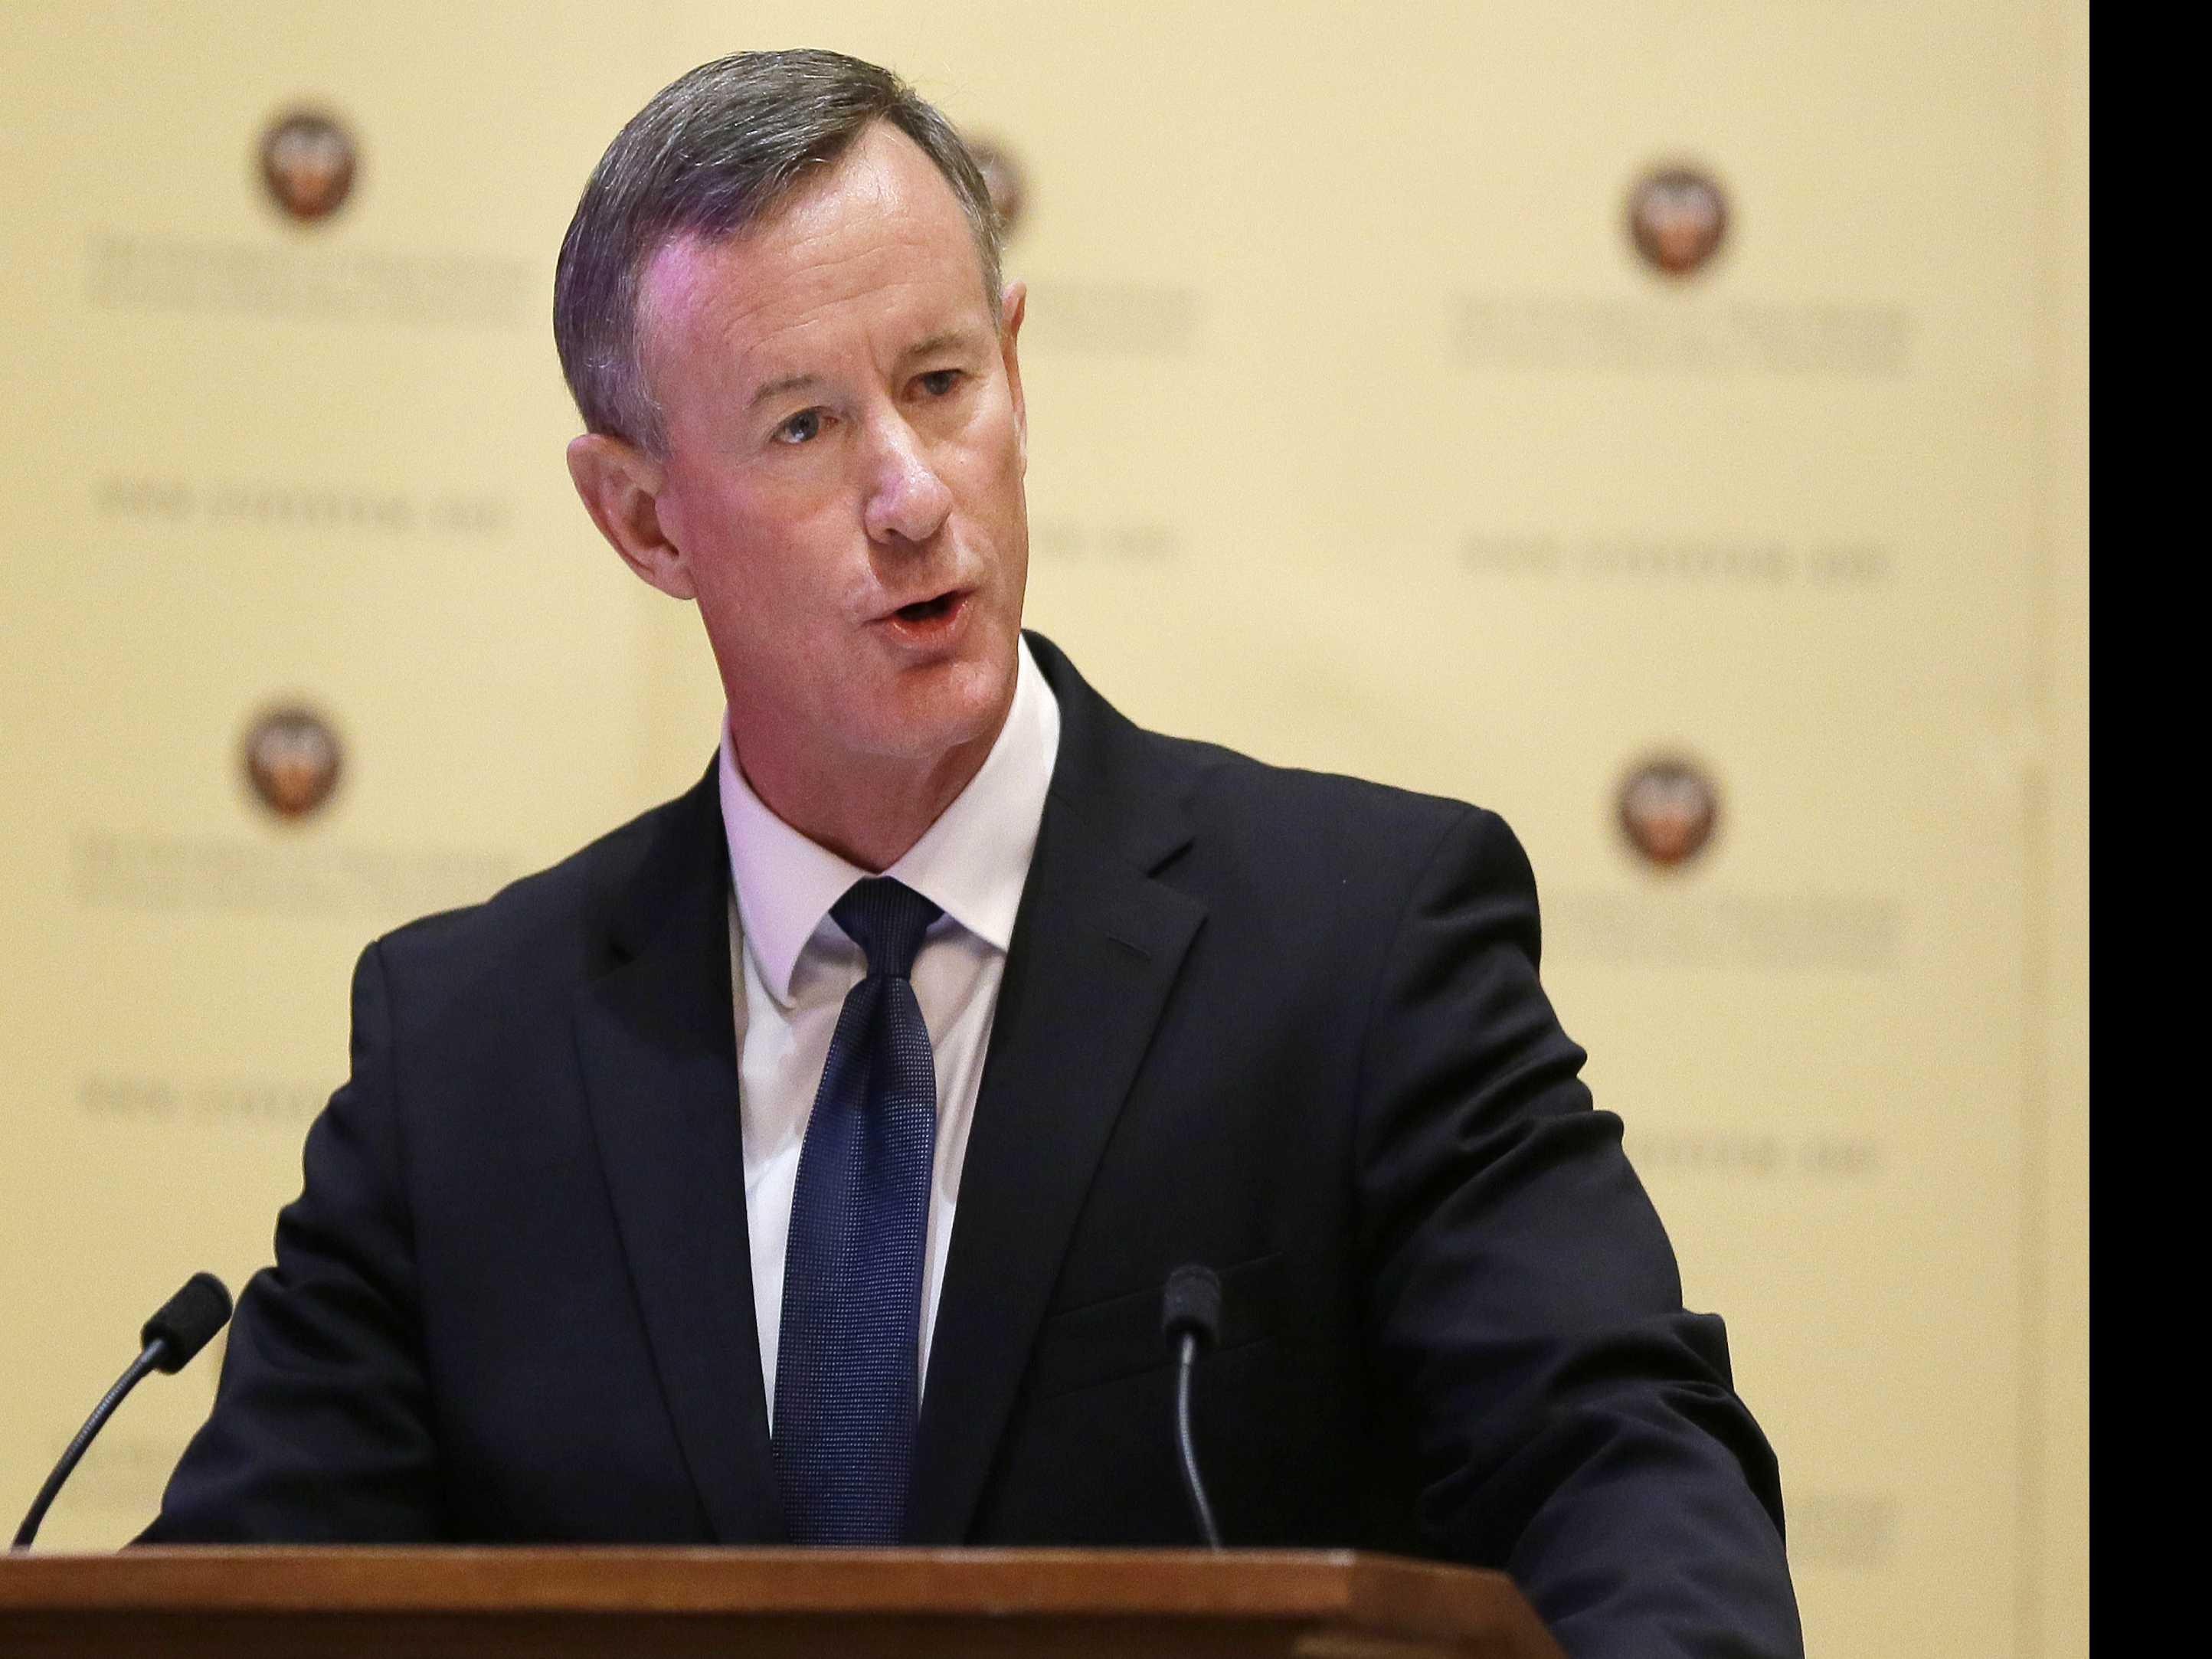 Trump Criticizes War Hero for Not Capturing bin Laden Sooner